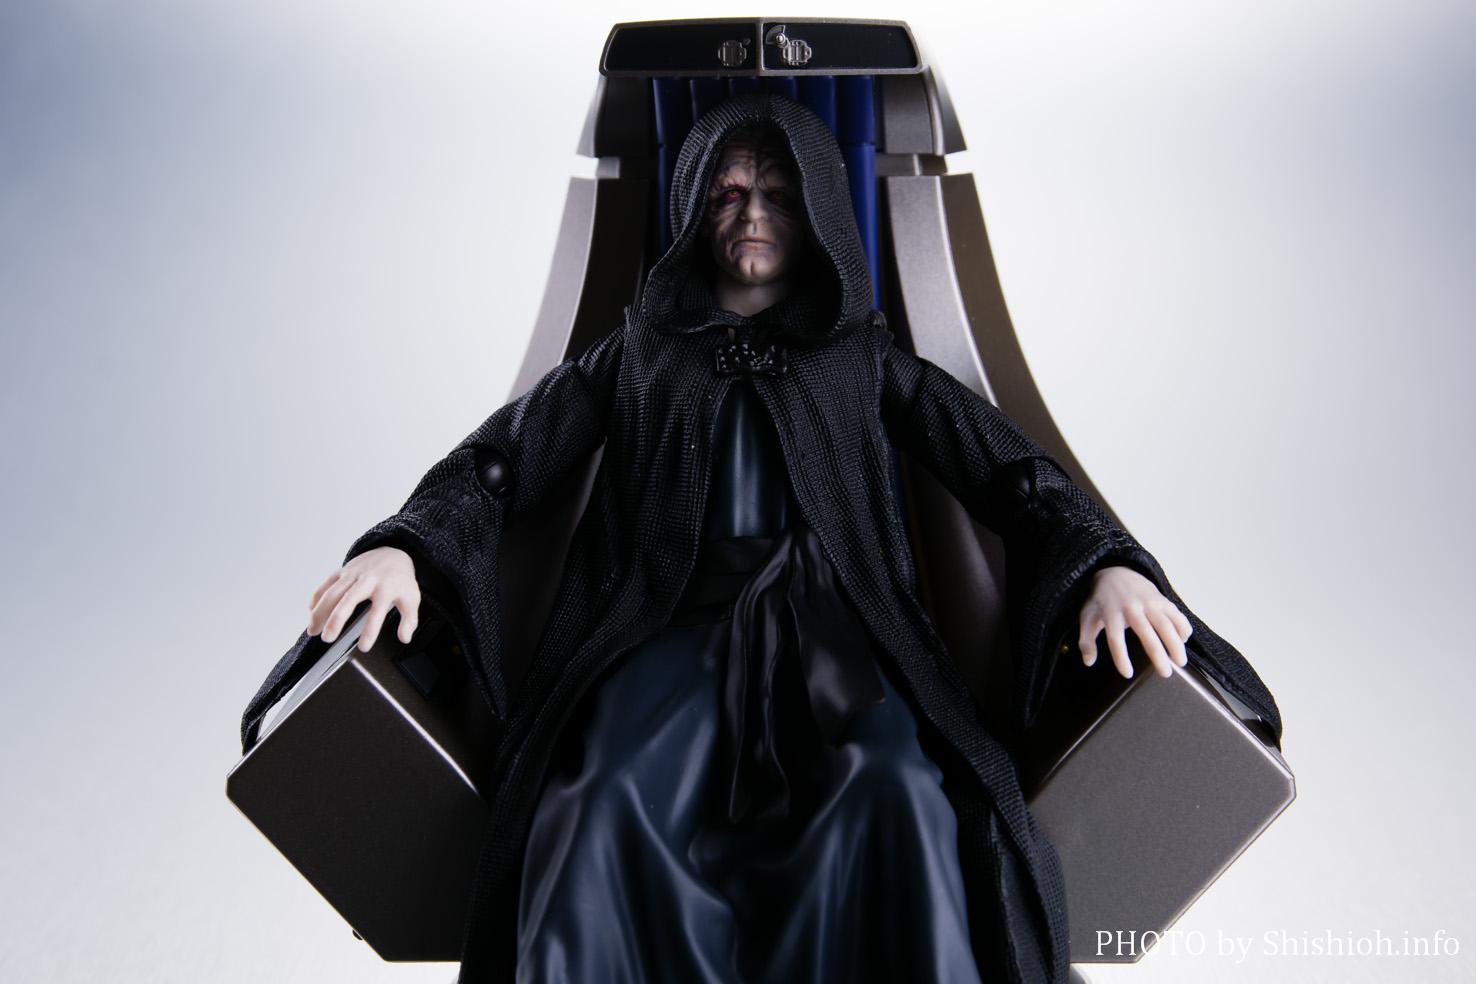 S.H.Figuarts パルパティーン皇帝‐Emperor's Throne Set‐パート1